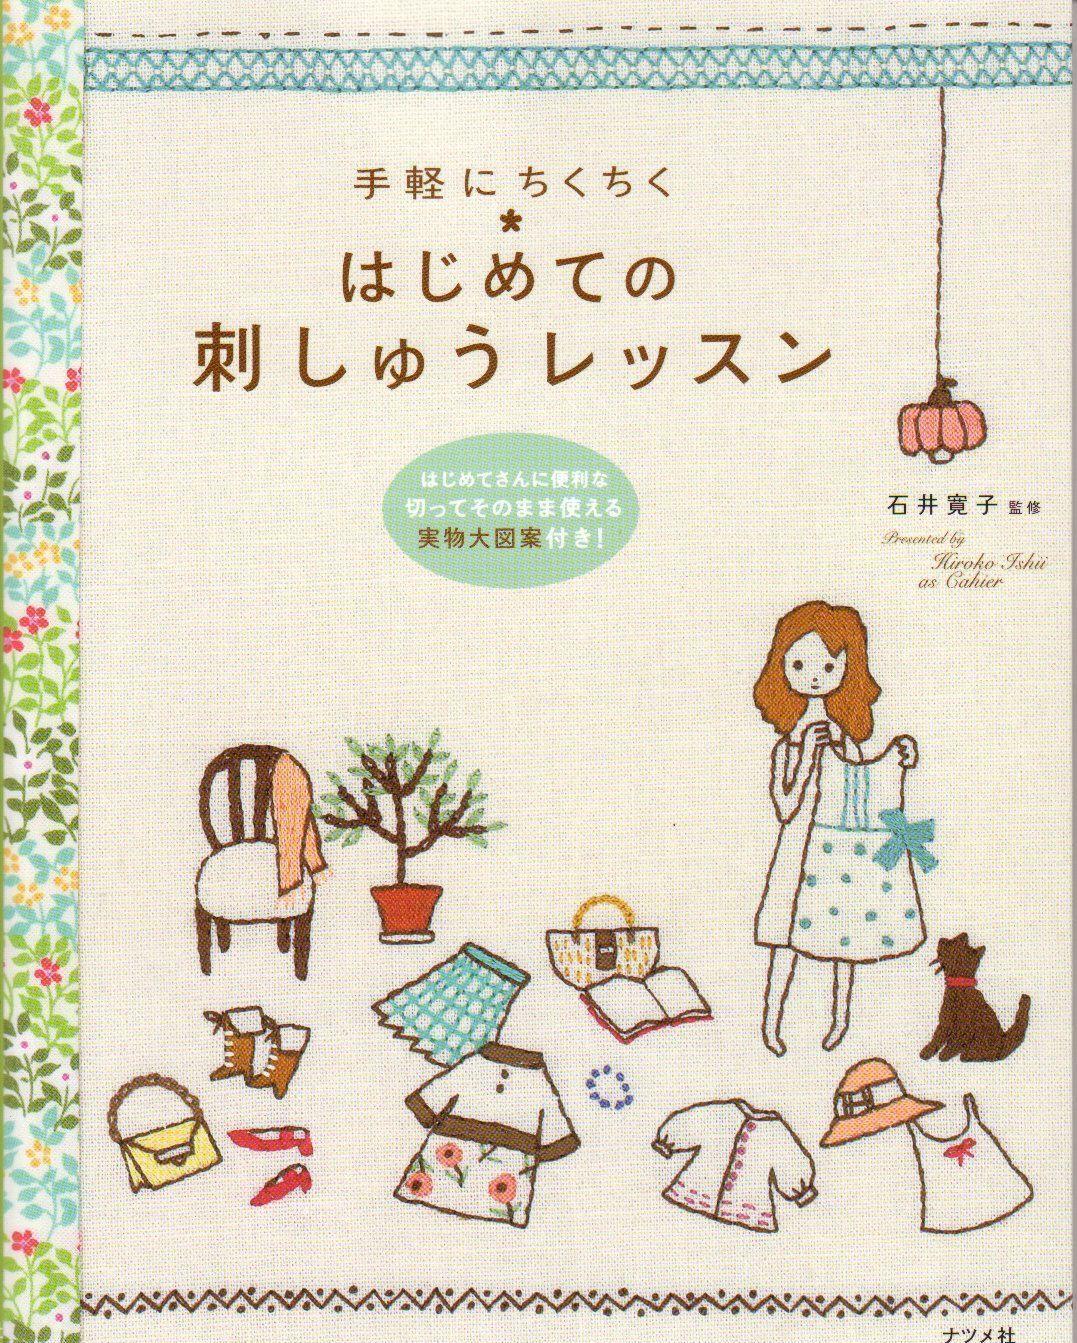 Hiroko Ishii, Хироко Ишии, японская вышивка, книги по японской вышивке